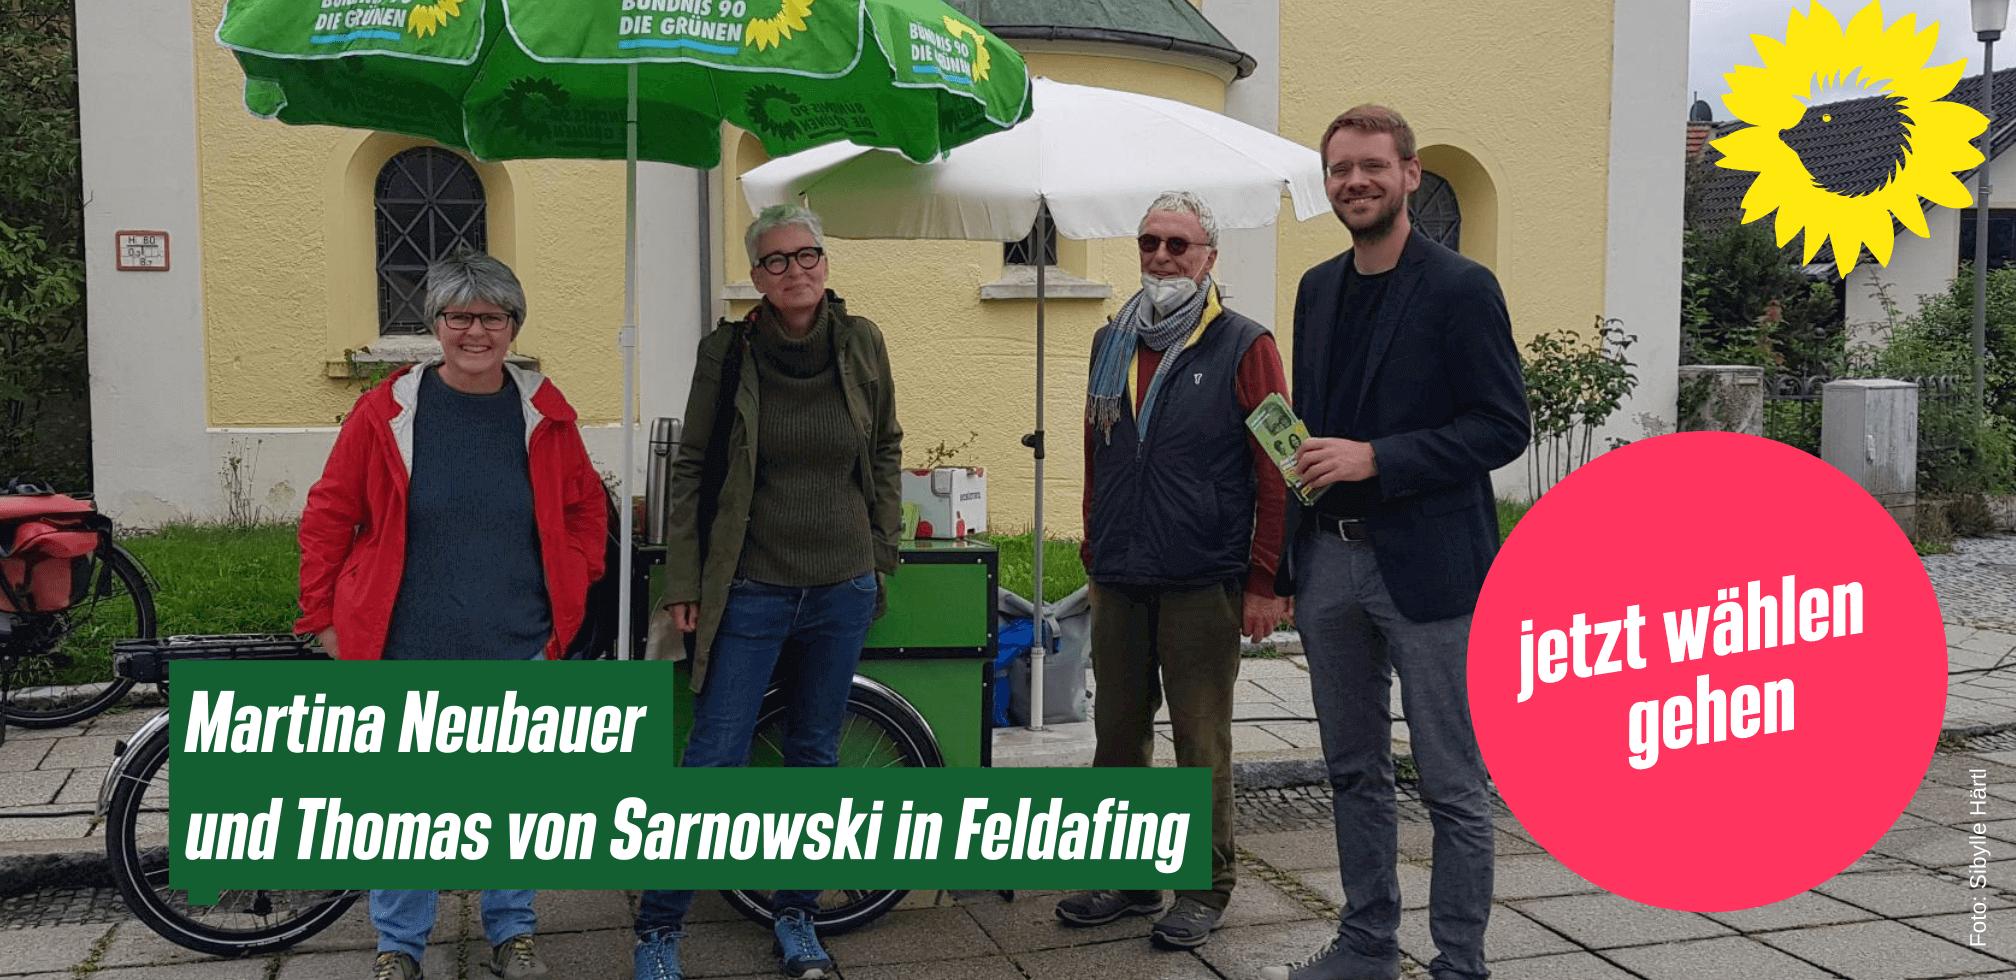 Martina Neubauer und Thomas von Sarnowski in Feldafing